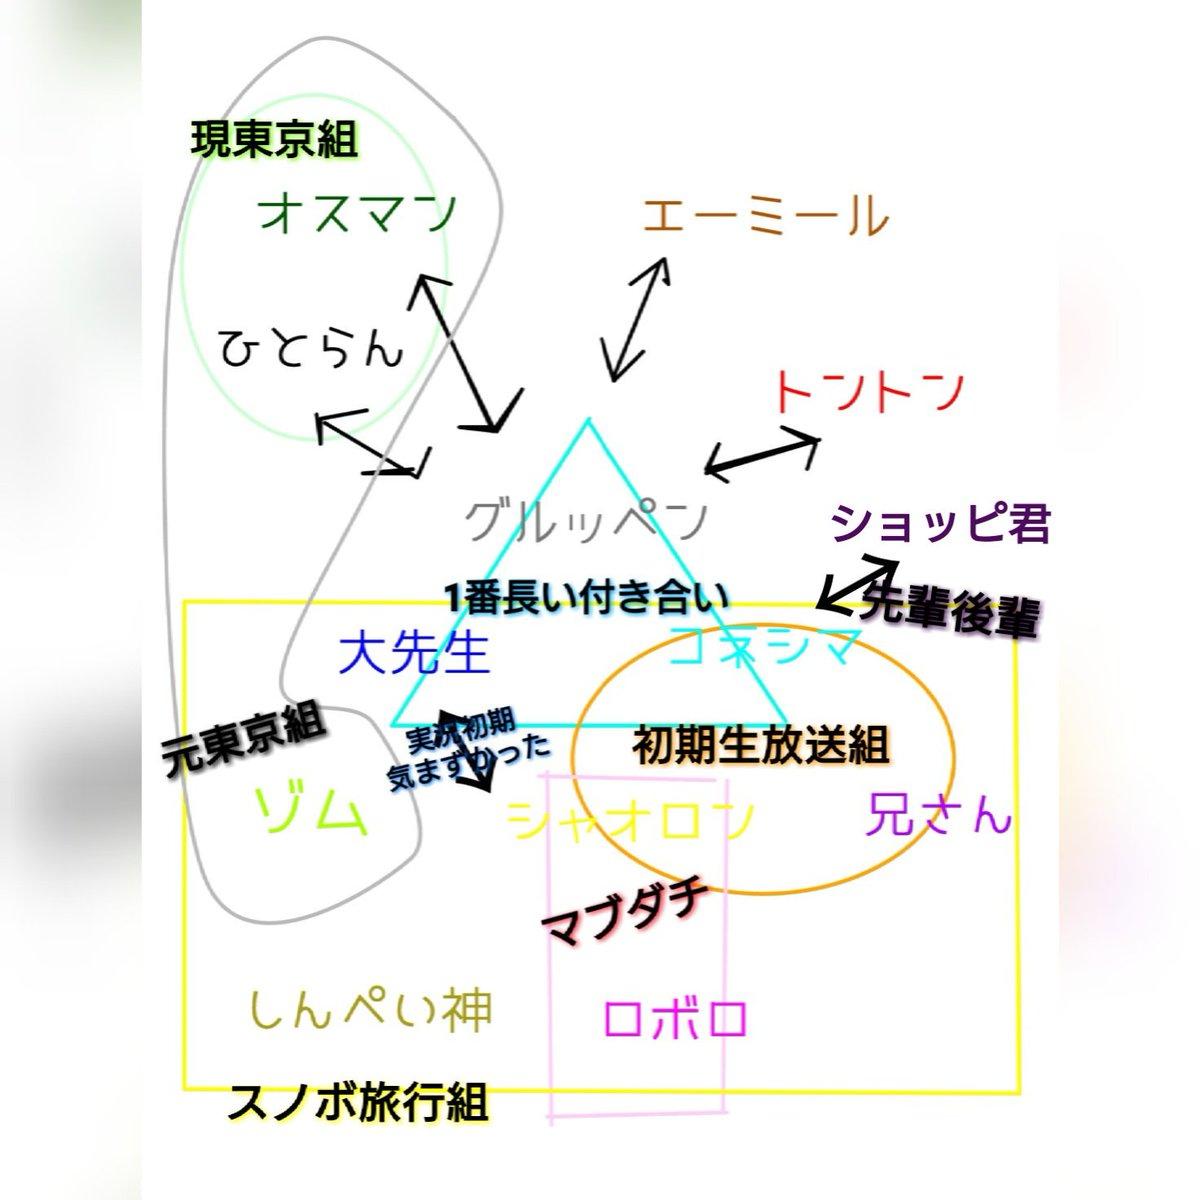 ショッピ twitter 初